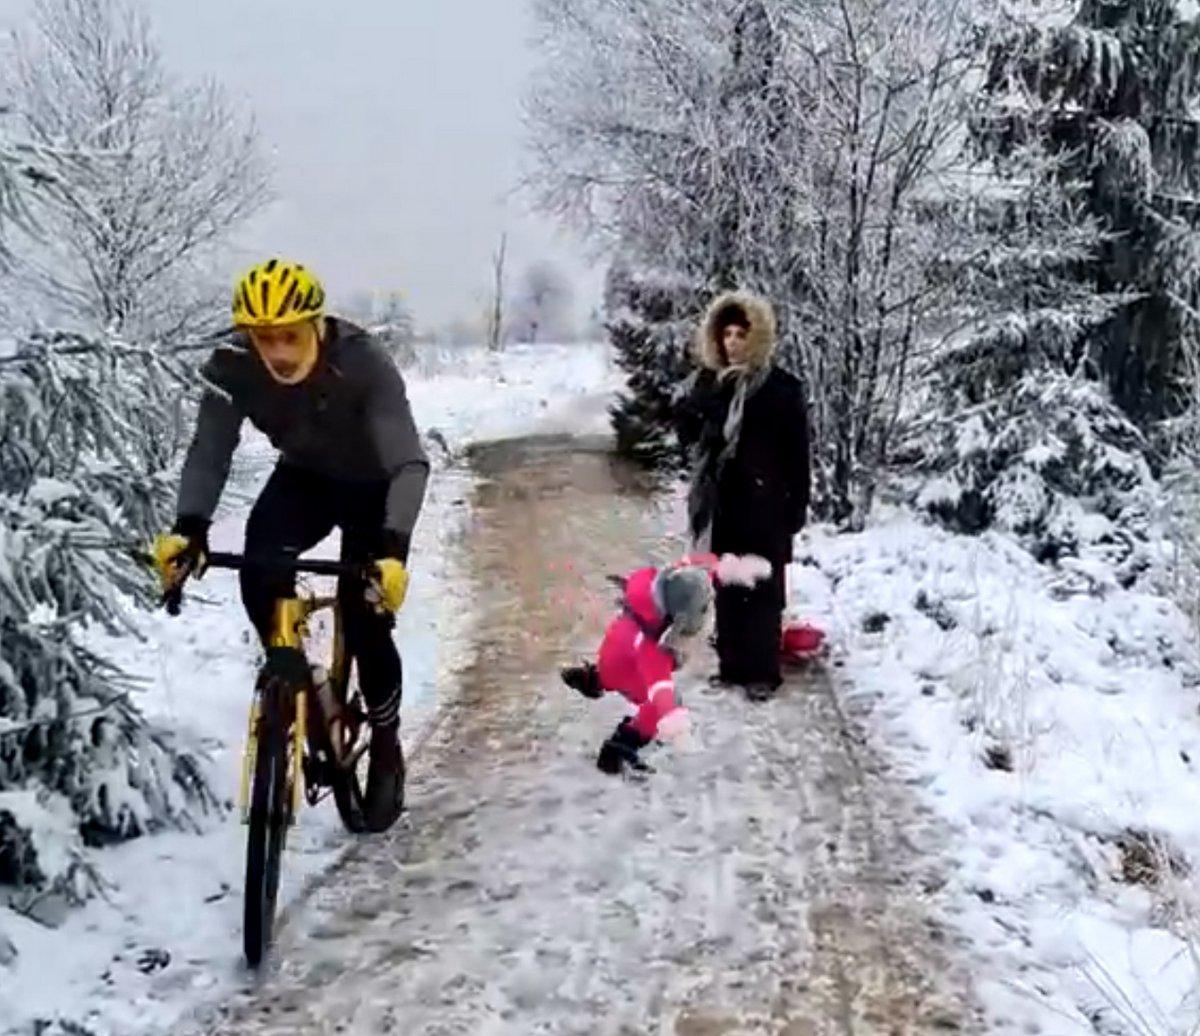 Le cycliste impatient qui a «volontairement» renversé une petite fille sur le chemin refuse de s'excuser